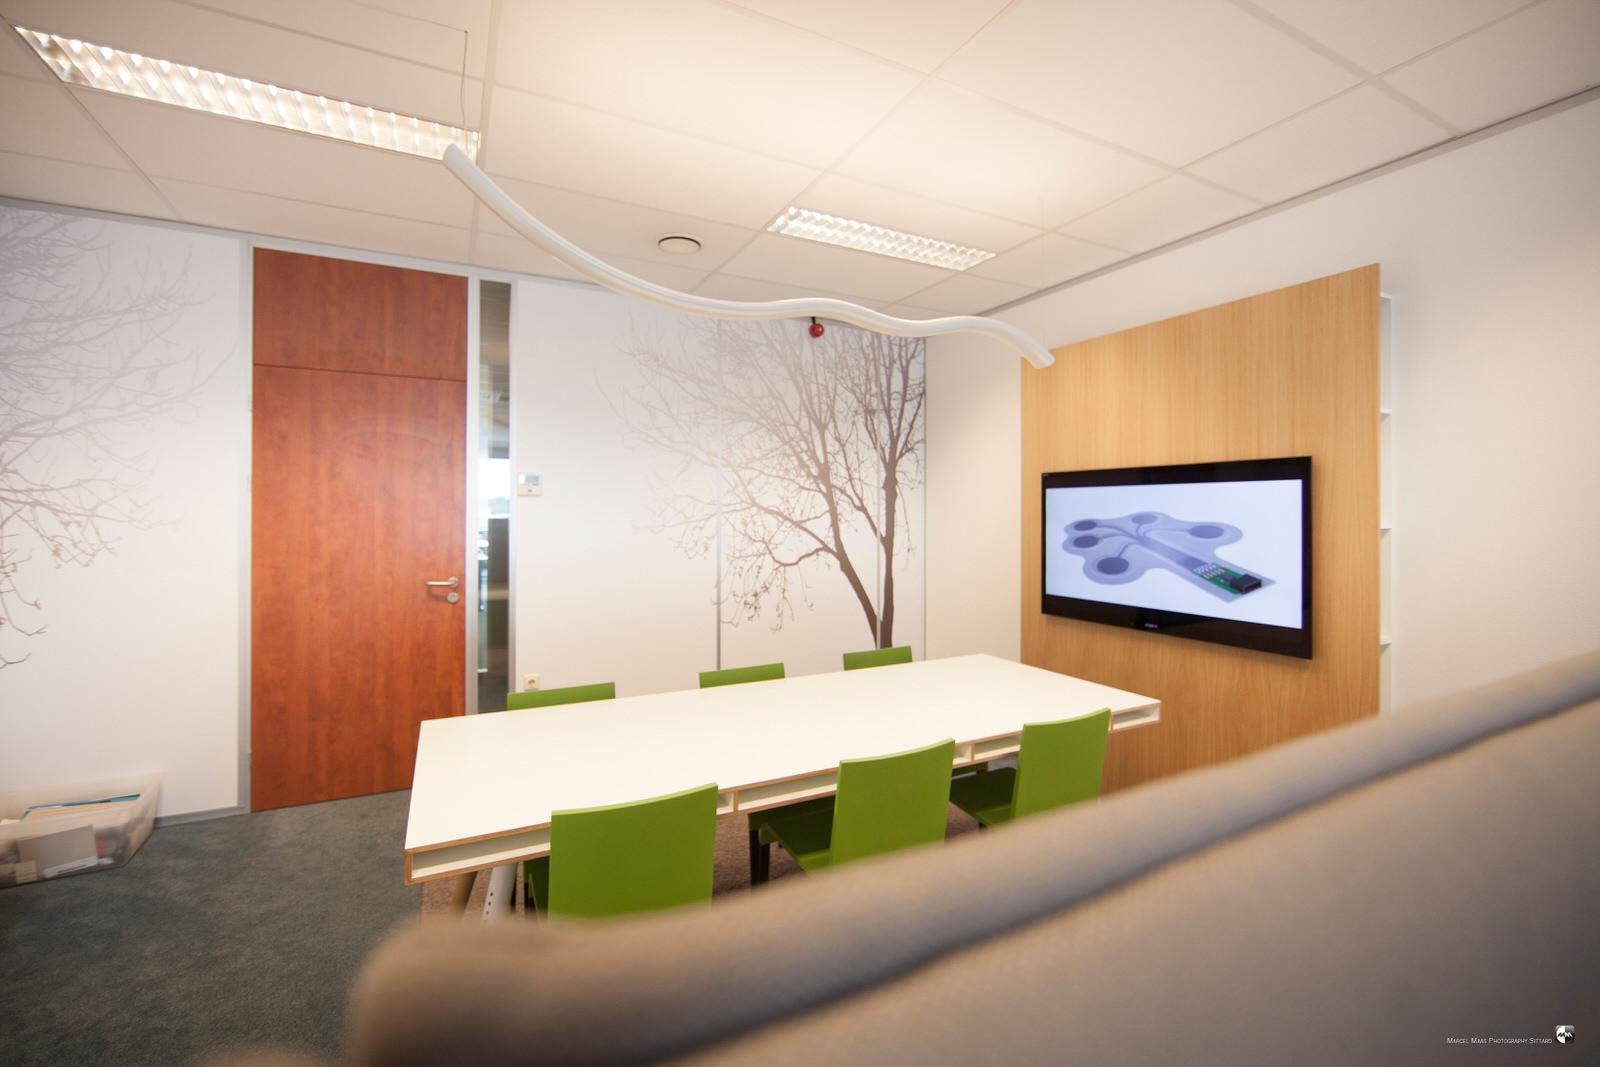 TV-wand en wandbestickering door Ploemen Interieur - Ploemen Interieur